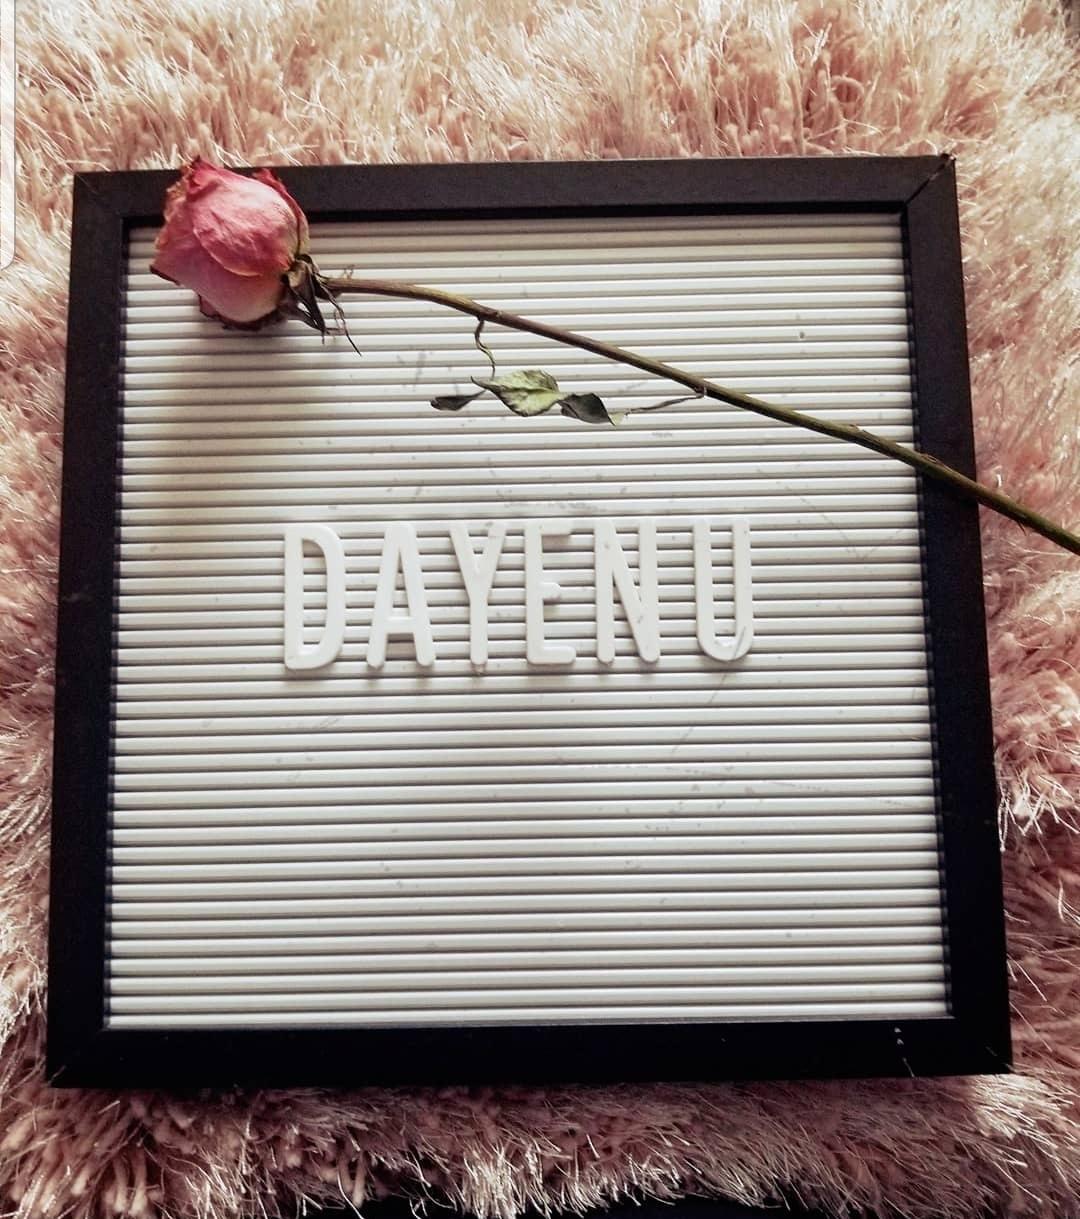 Dayenu?